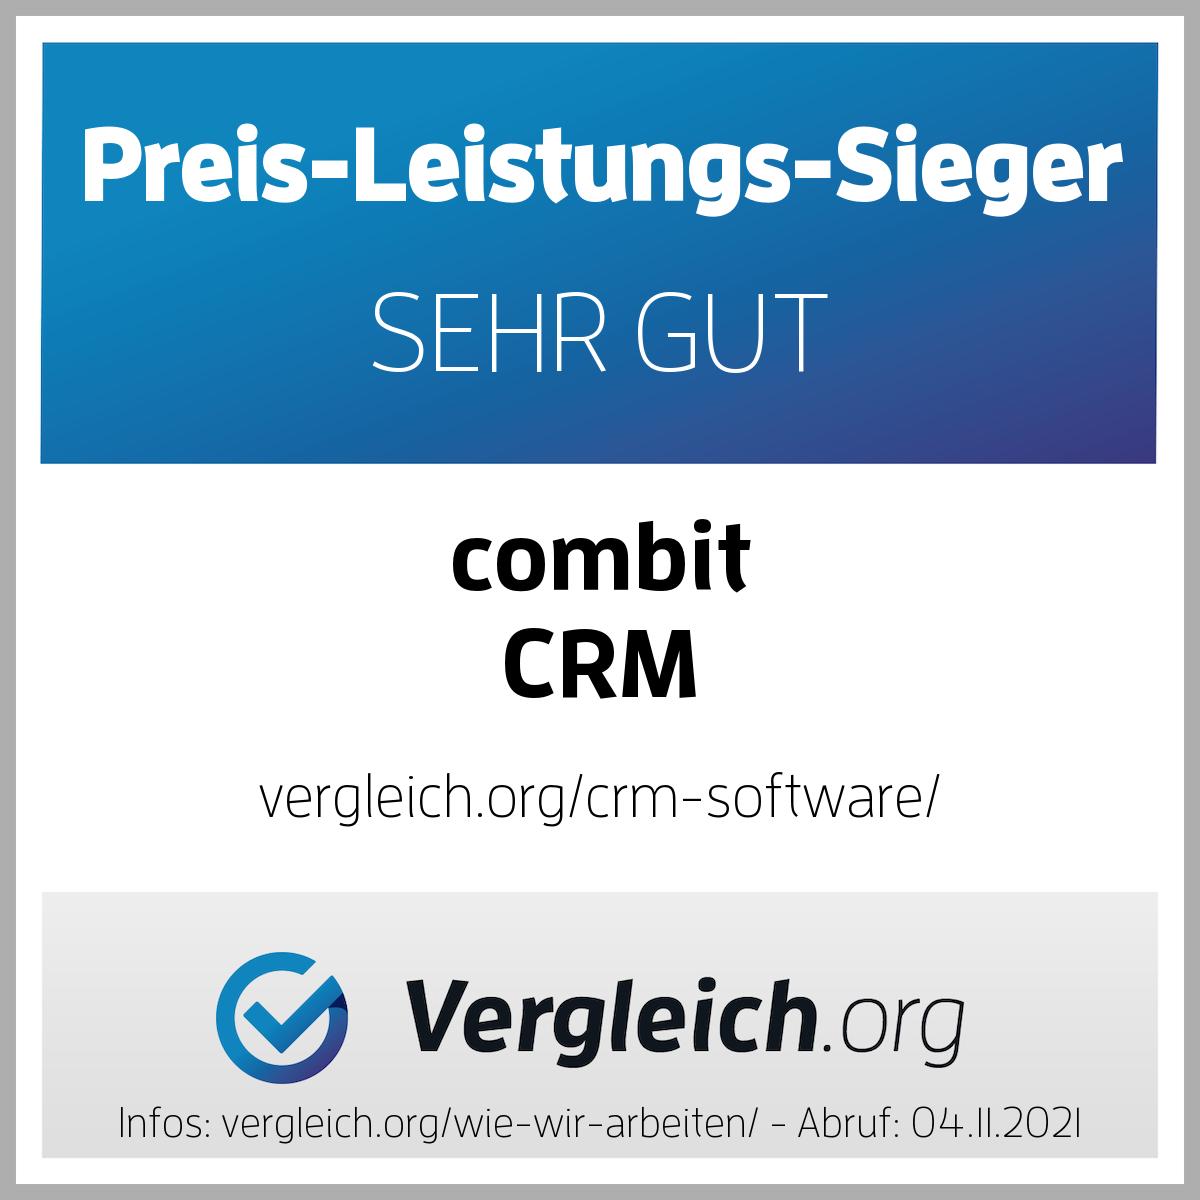 Siegel-combit CRM-11-20